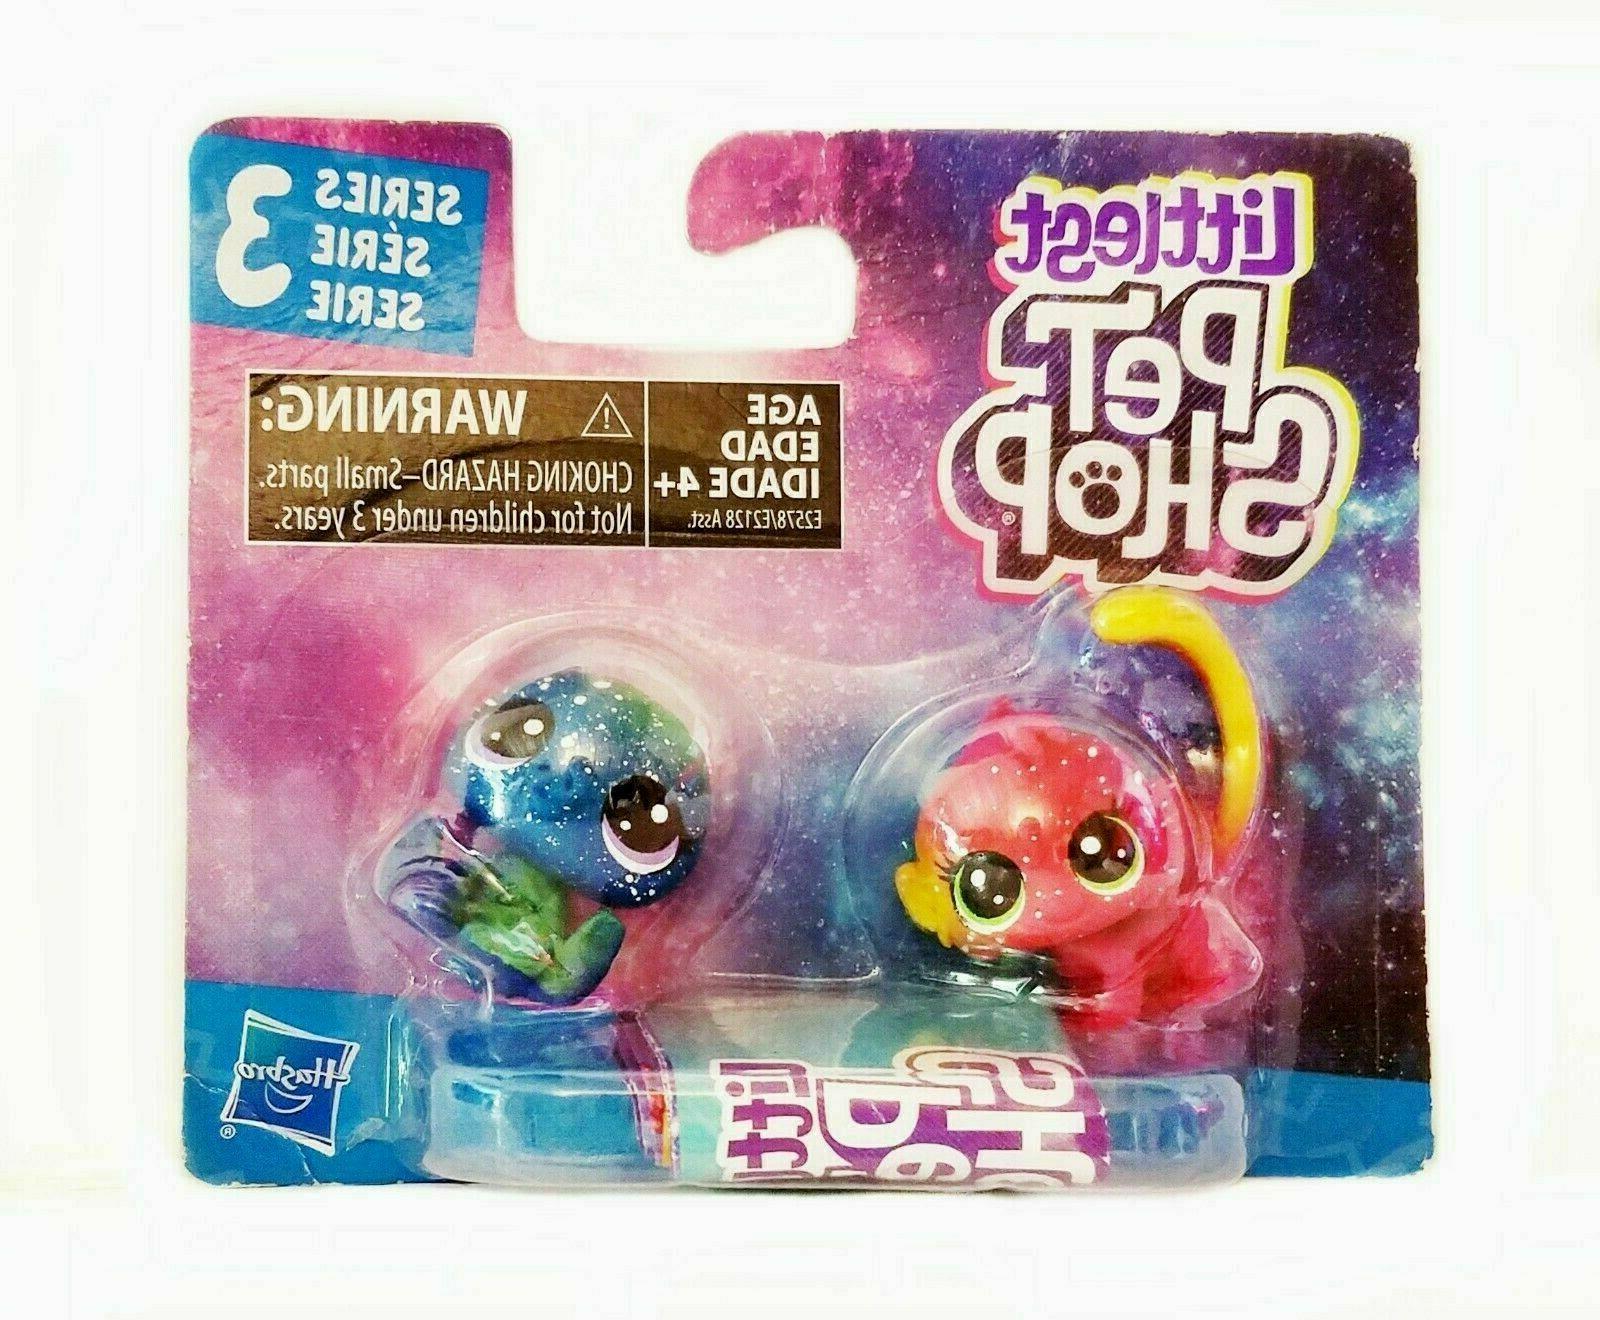 Littlest Pet Shop Figure Set Toys for Kids at Home 2 Pack Ne